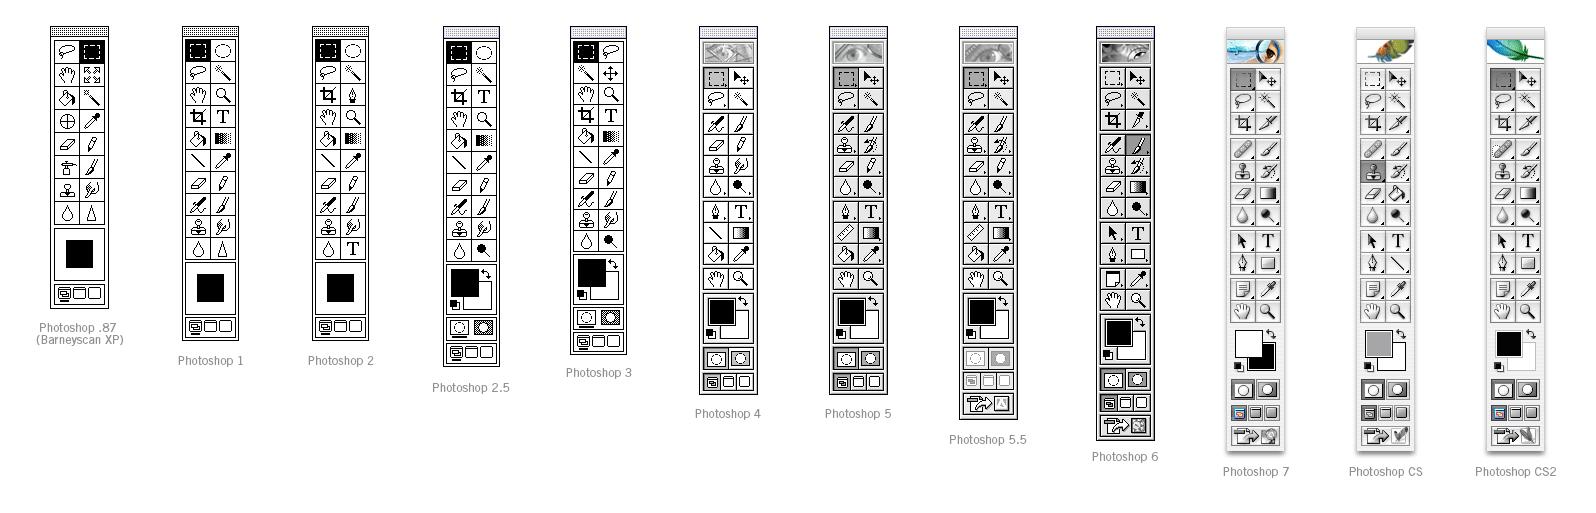 Manchas creativas evolucion barra de herramientas - Herramientas de photoshop ...